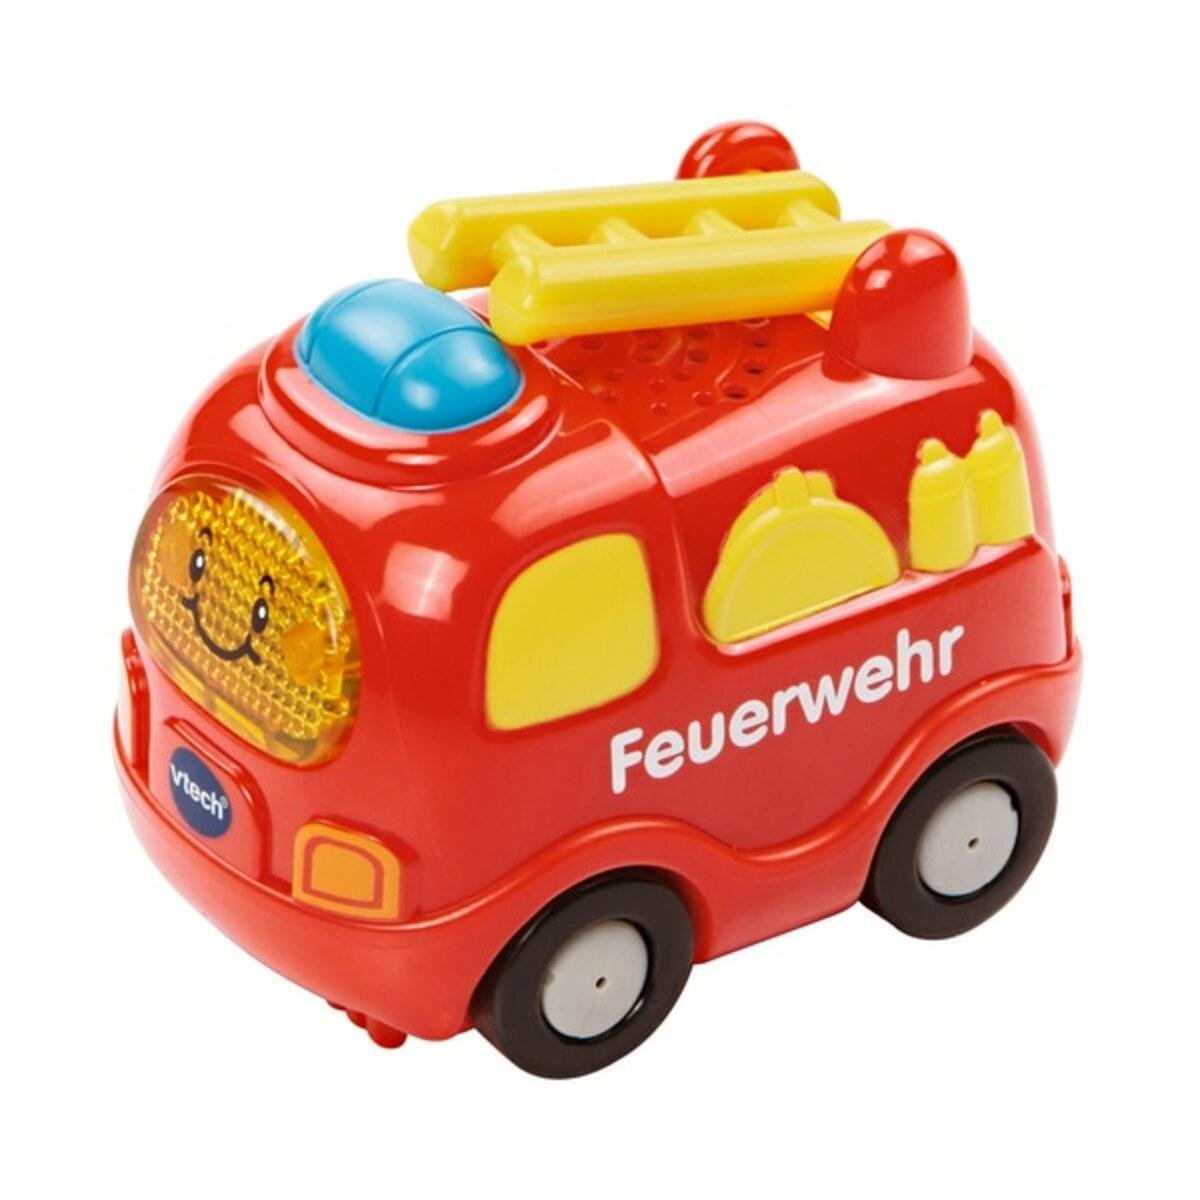 Bild 5 von VTech - Tut Tut Baby Flitzer: Feuerwehr